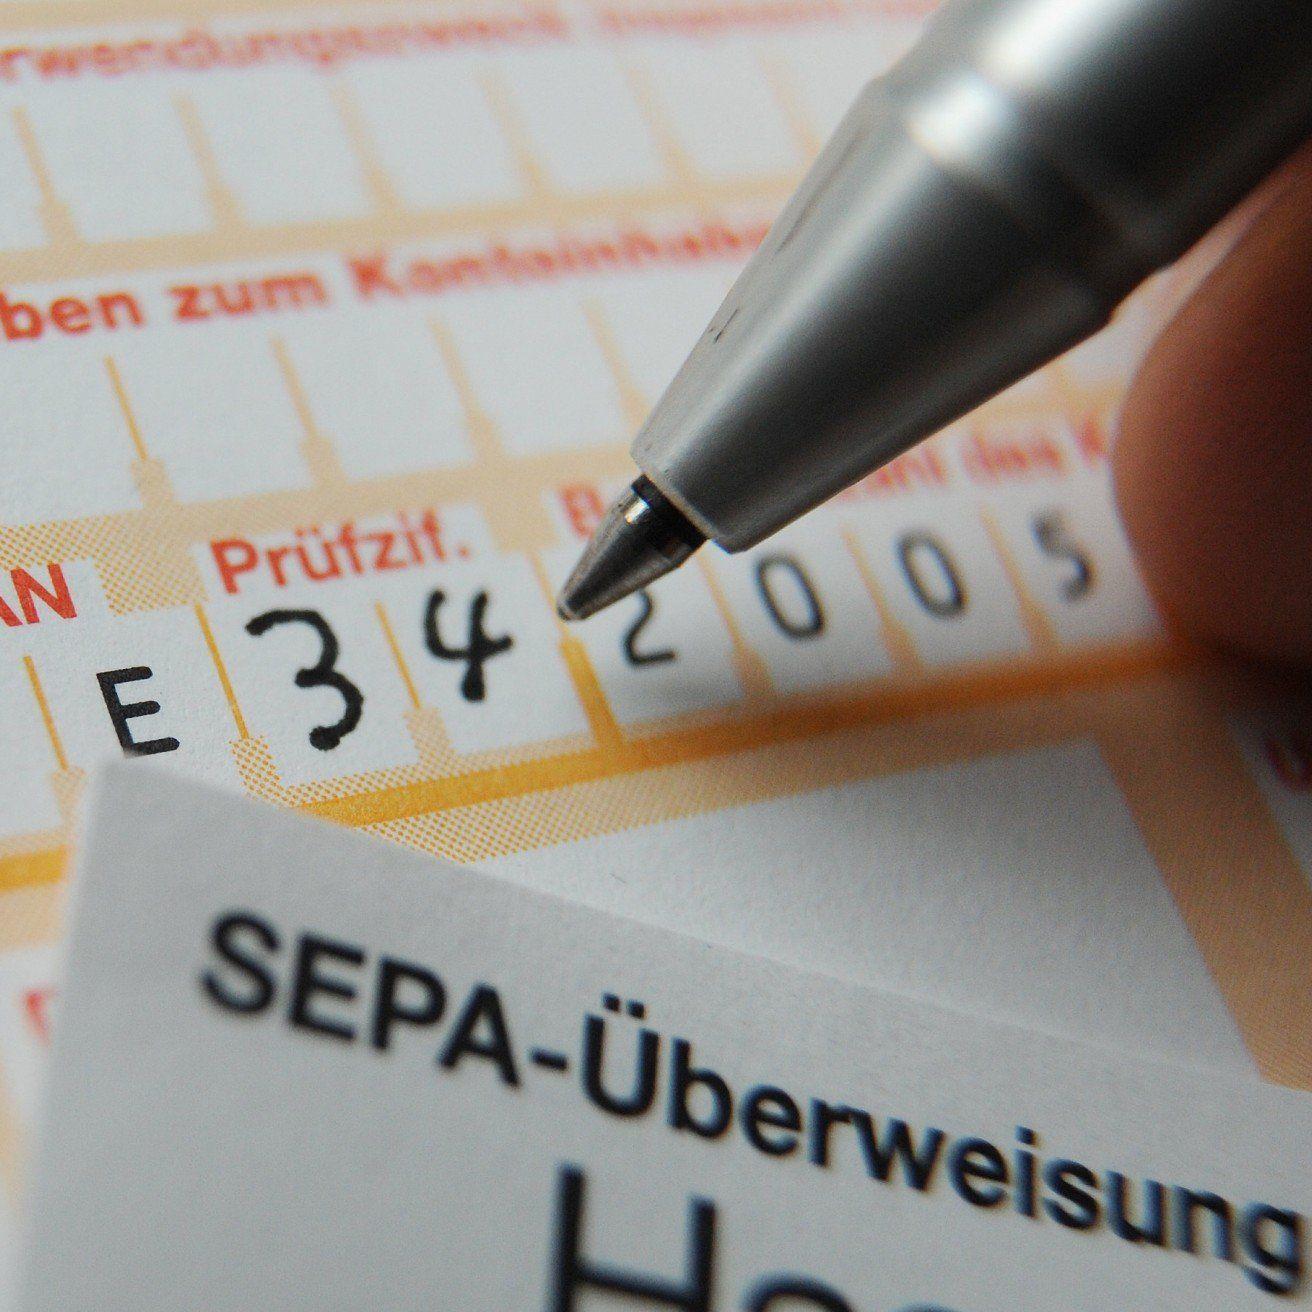 Betrüger nützen die SEPA-Umstellung, um an Passwörter zu kommen.